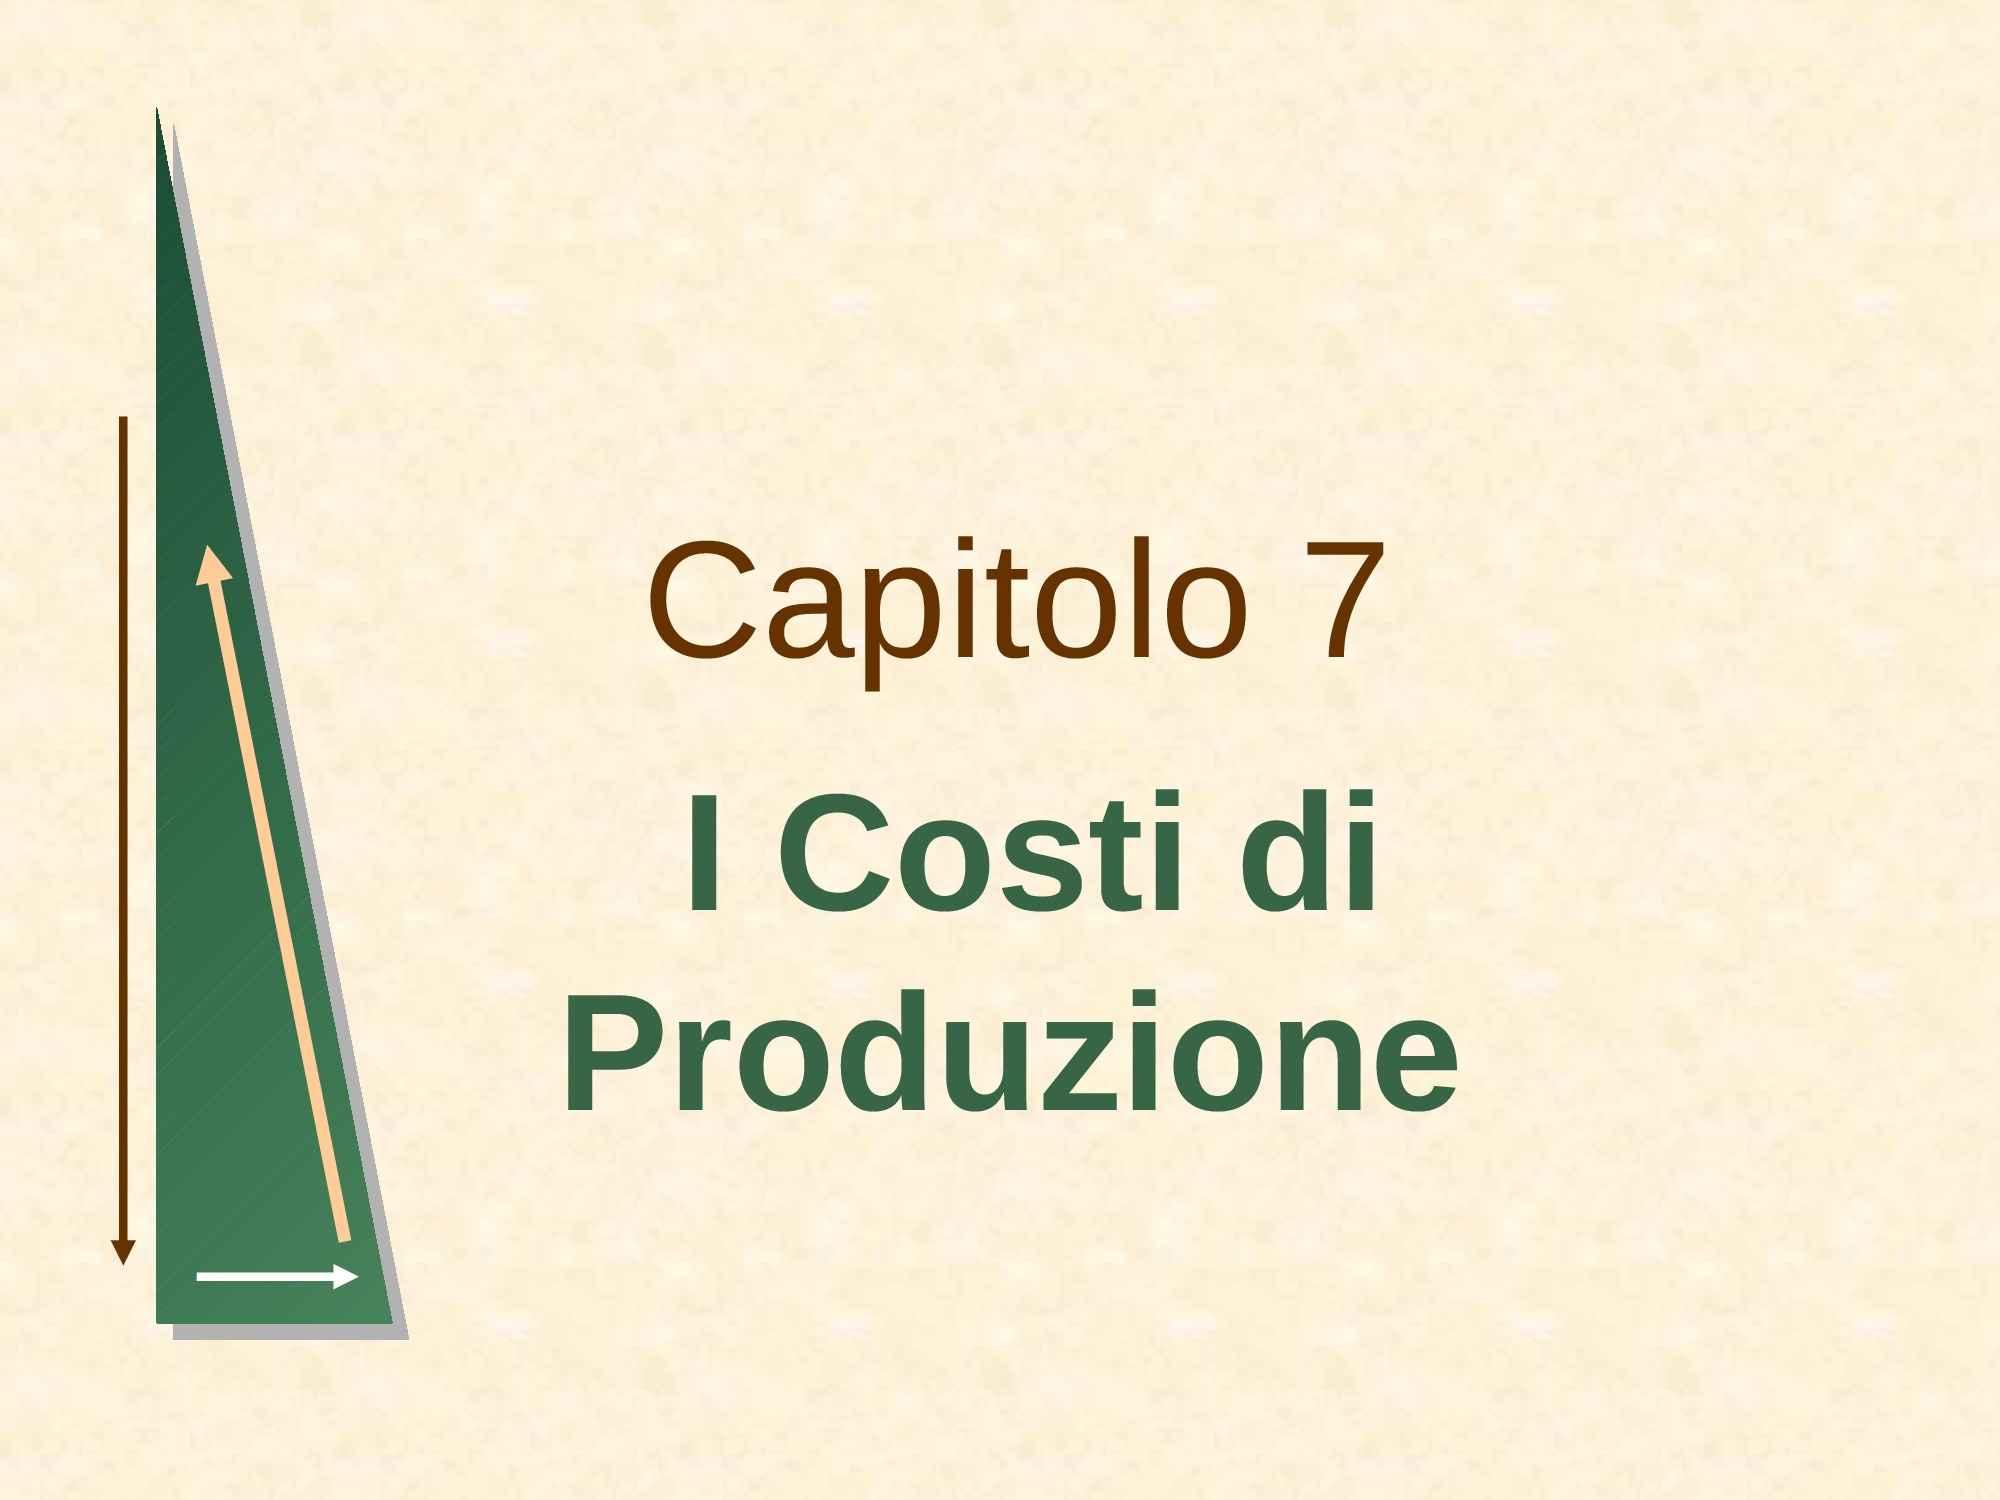 Produzione - Costi